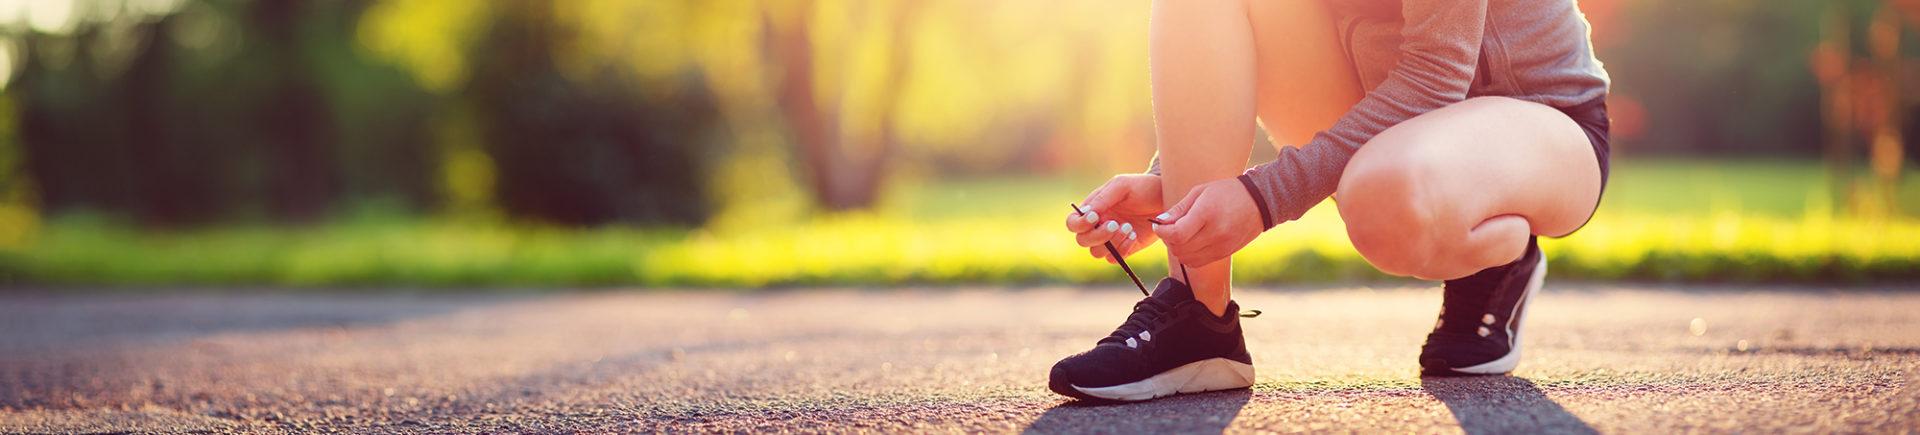 Elle lace ses baskets sur une route en nature